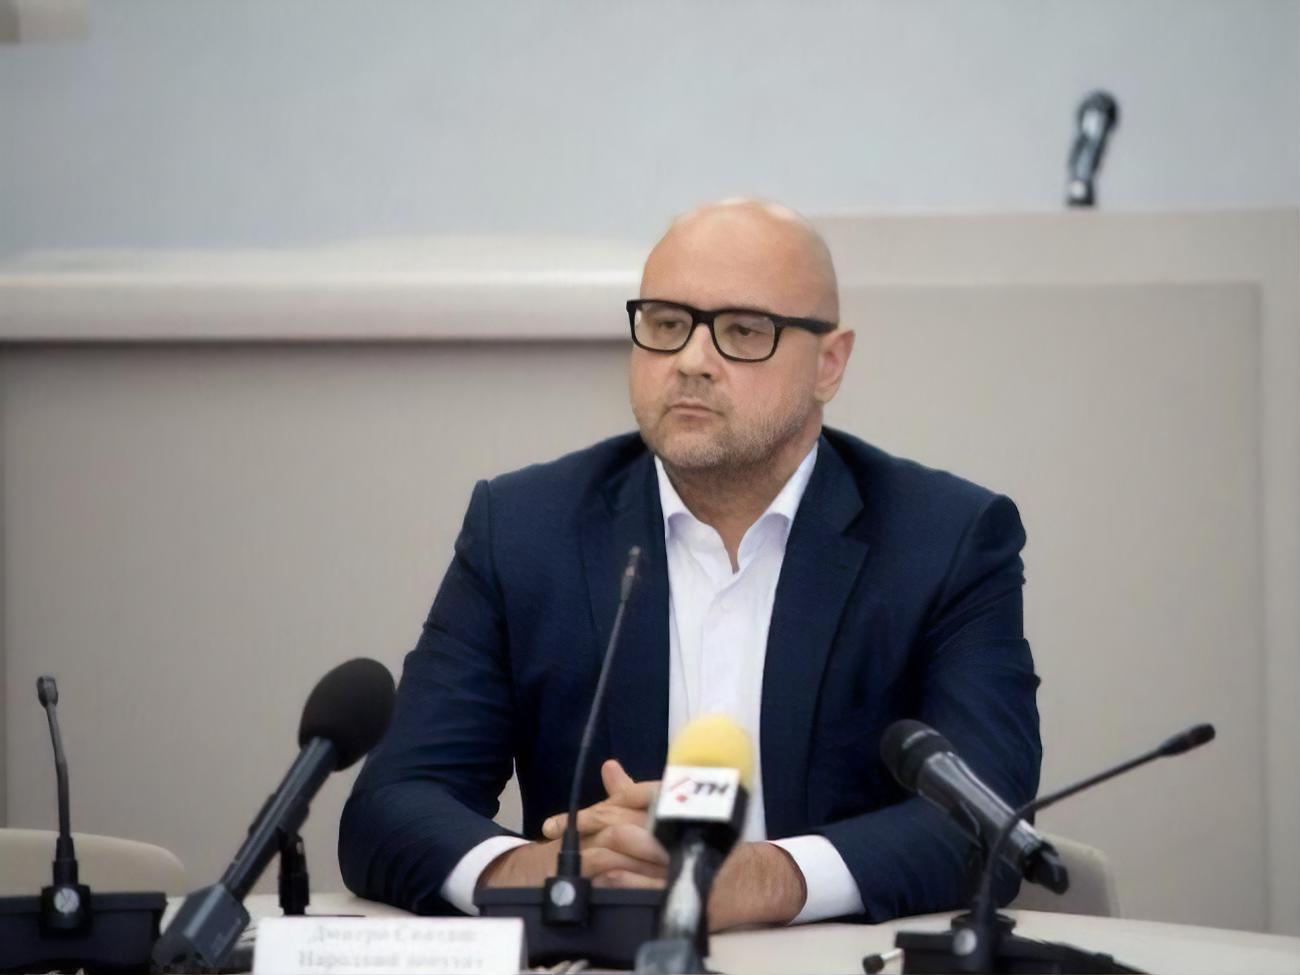 Экс-нардеп Святаш предоставил недостоверные данные в декларации